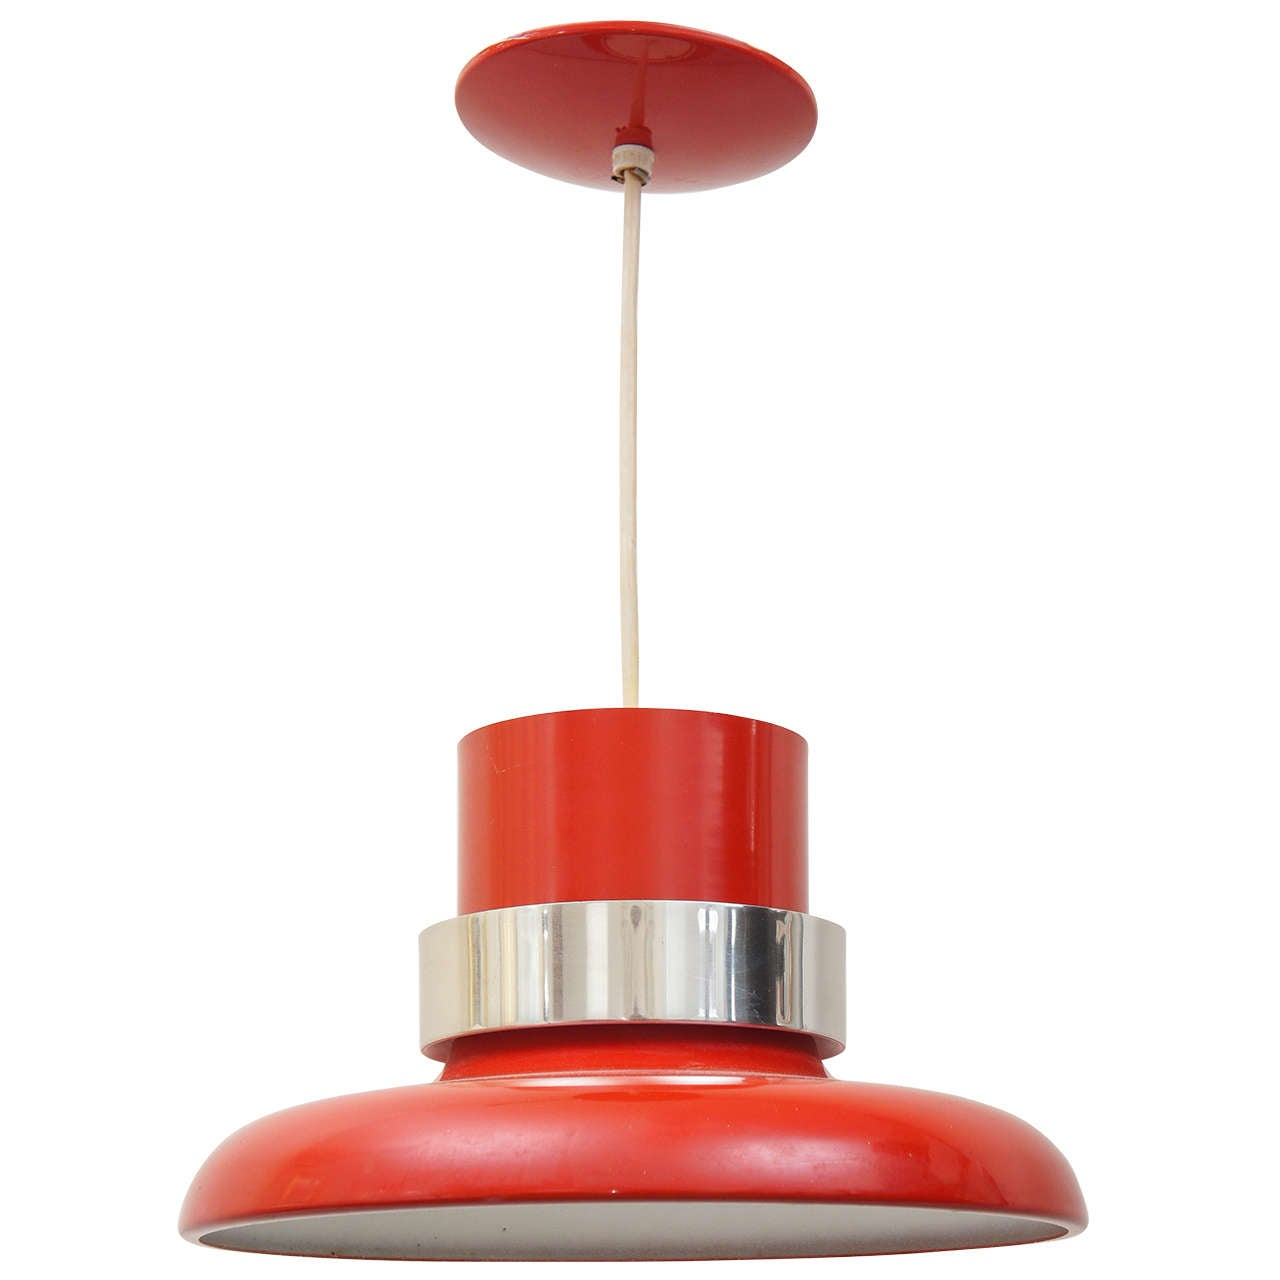 Lightolier Ring Chandelier At 1stdibs: Vintage Lightolier Pendant Light For Sale At 1stdibs